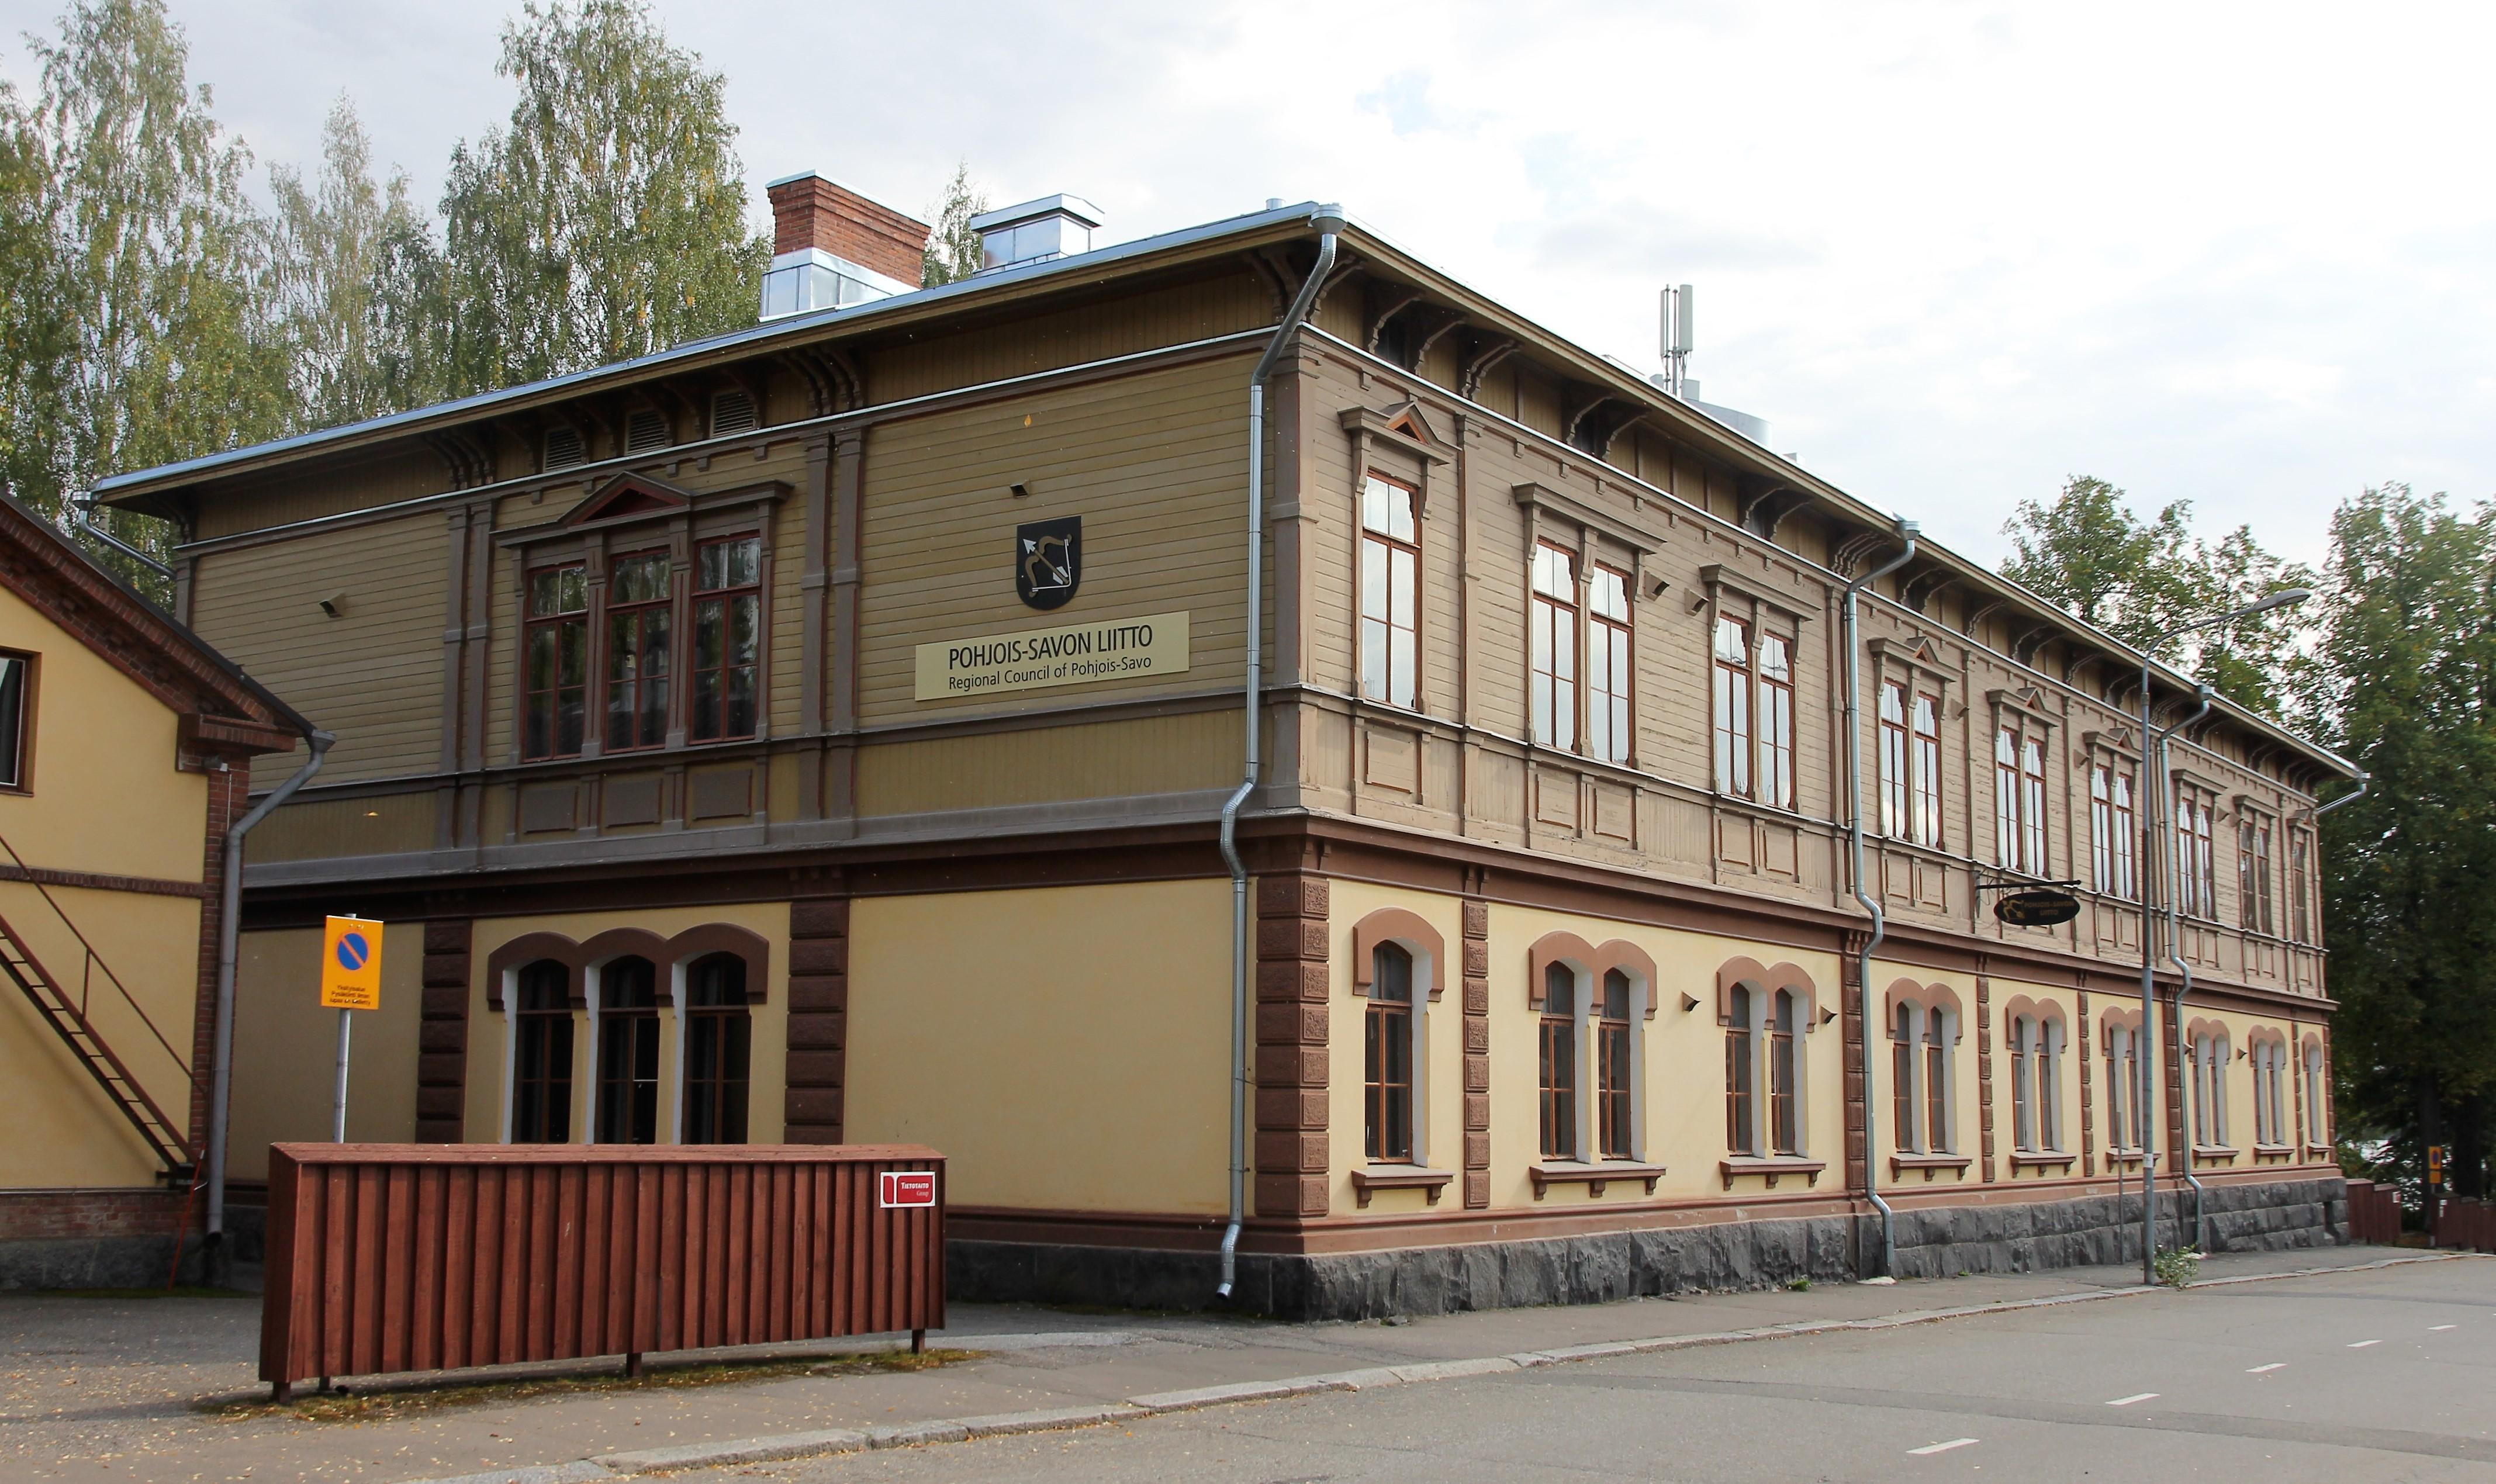 Pohjois-Savon liitto - Sepänkatu 1 - Kuopio.jpg